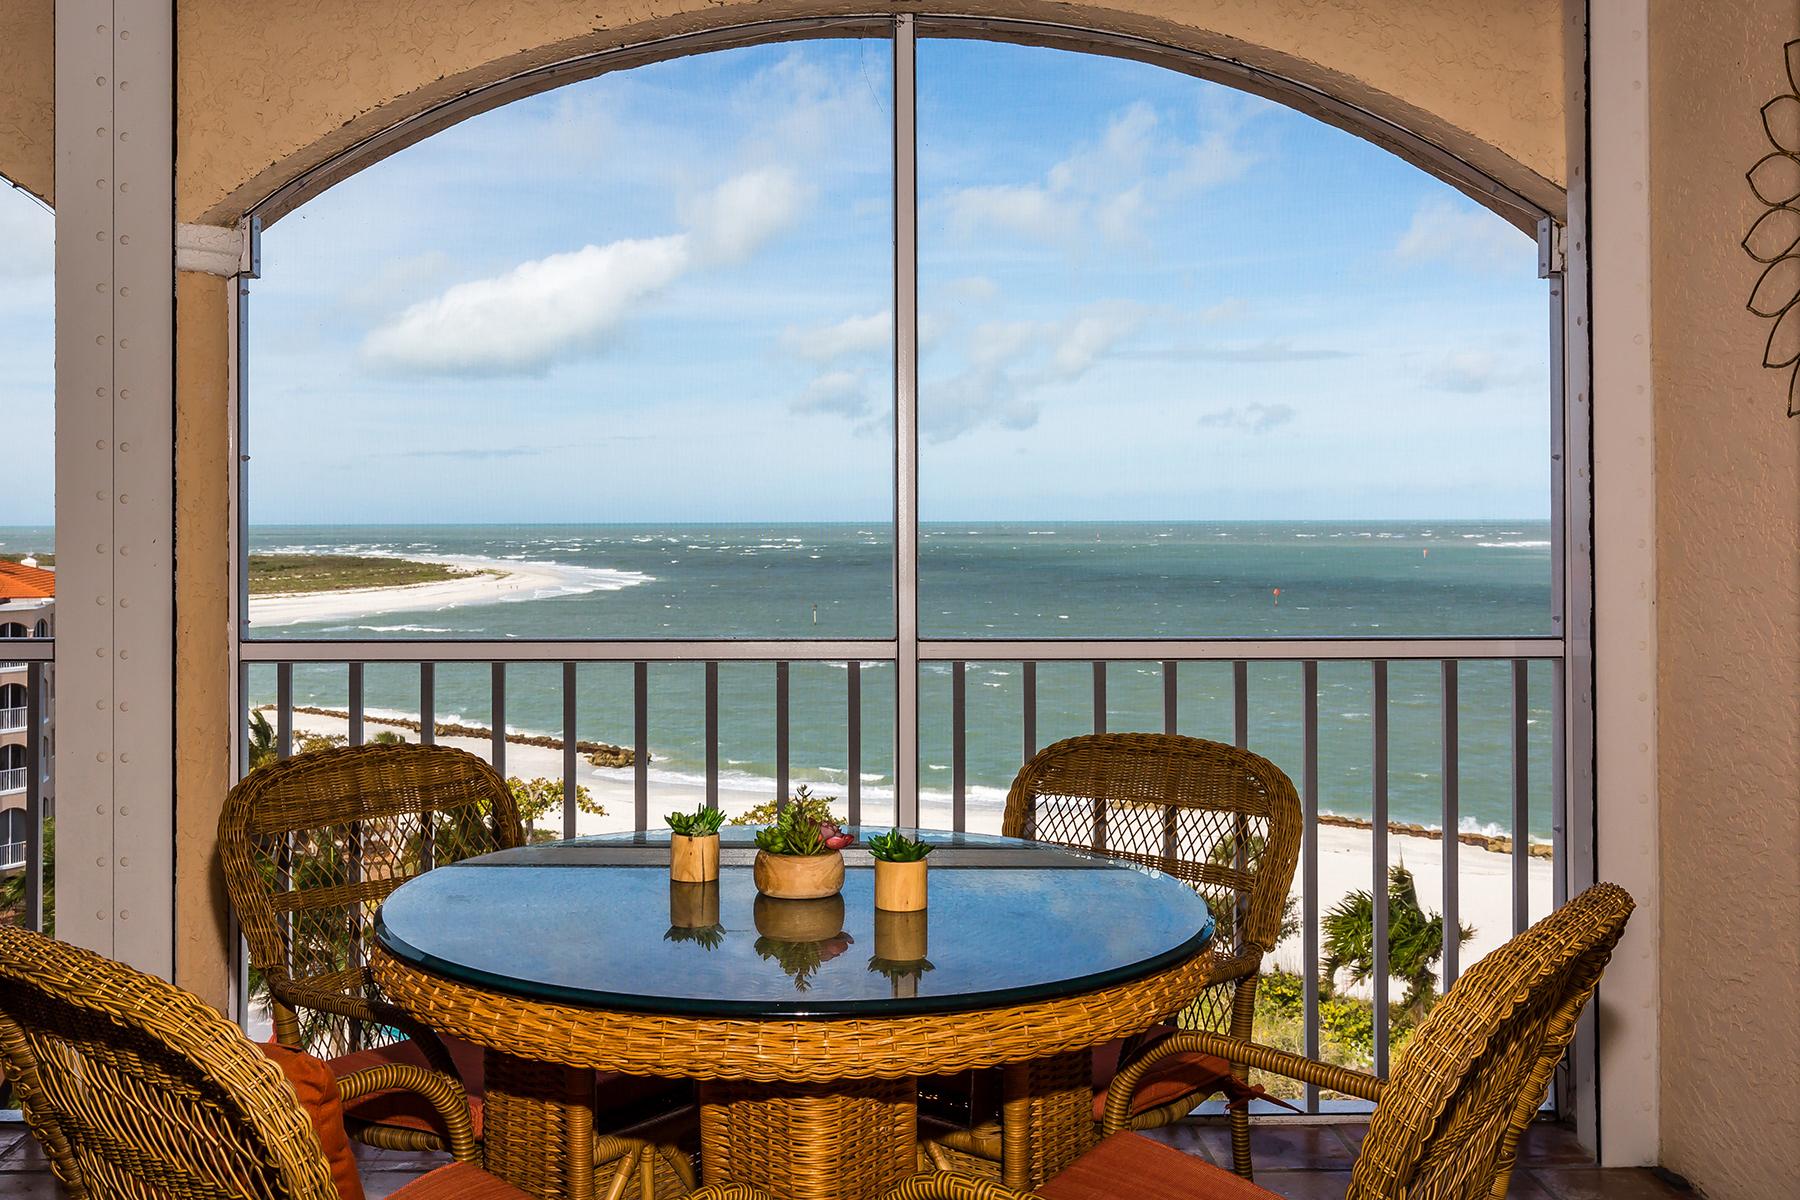 Eigentumswohnung für Verkauf beim HIDEAWAY BEACH 3000 Royal Marco Way PH-M Marco Island, Florida, 34145 Vereinigte Staaten